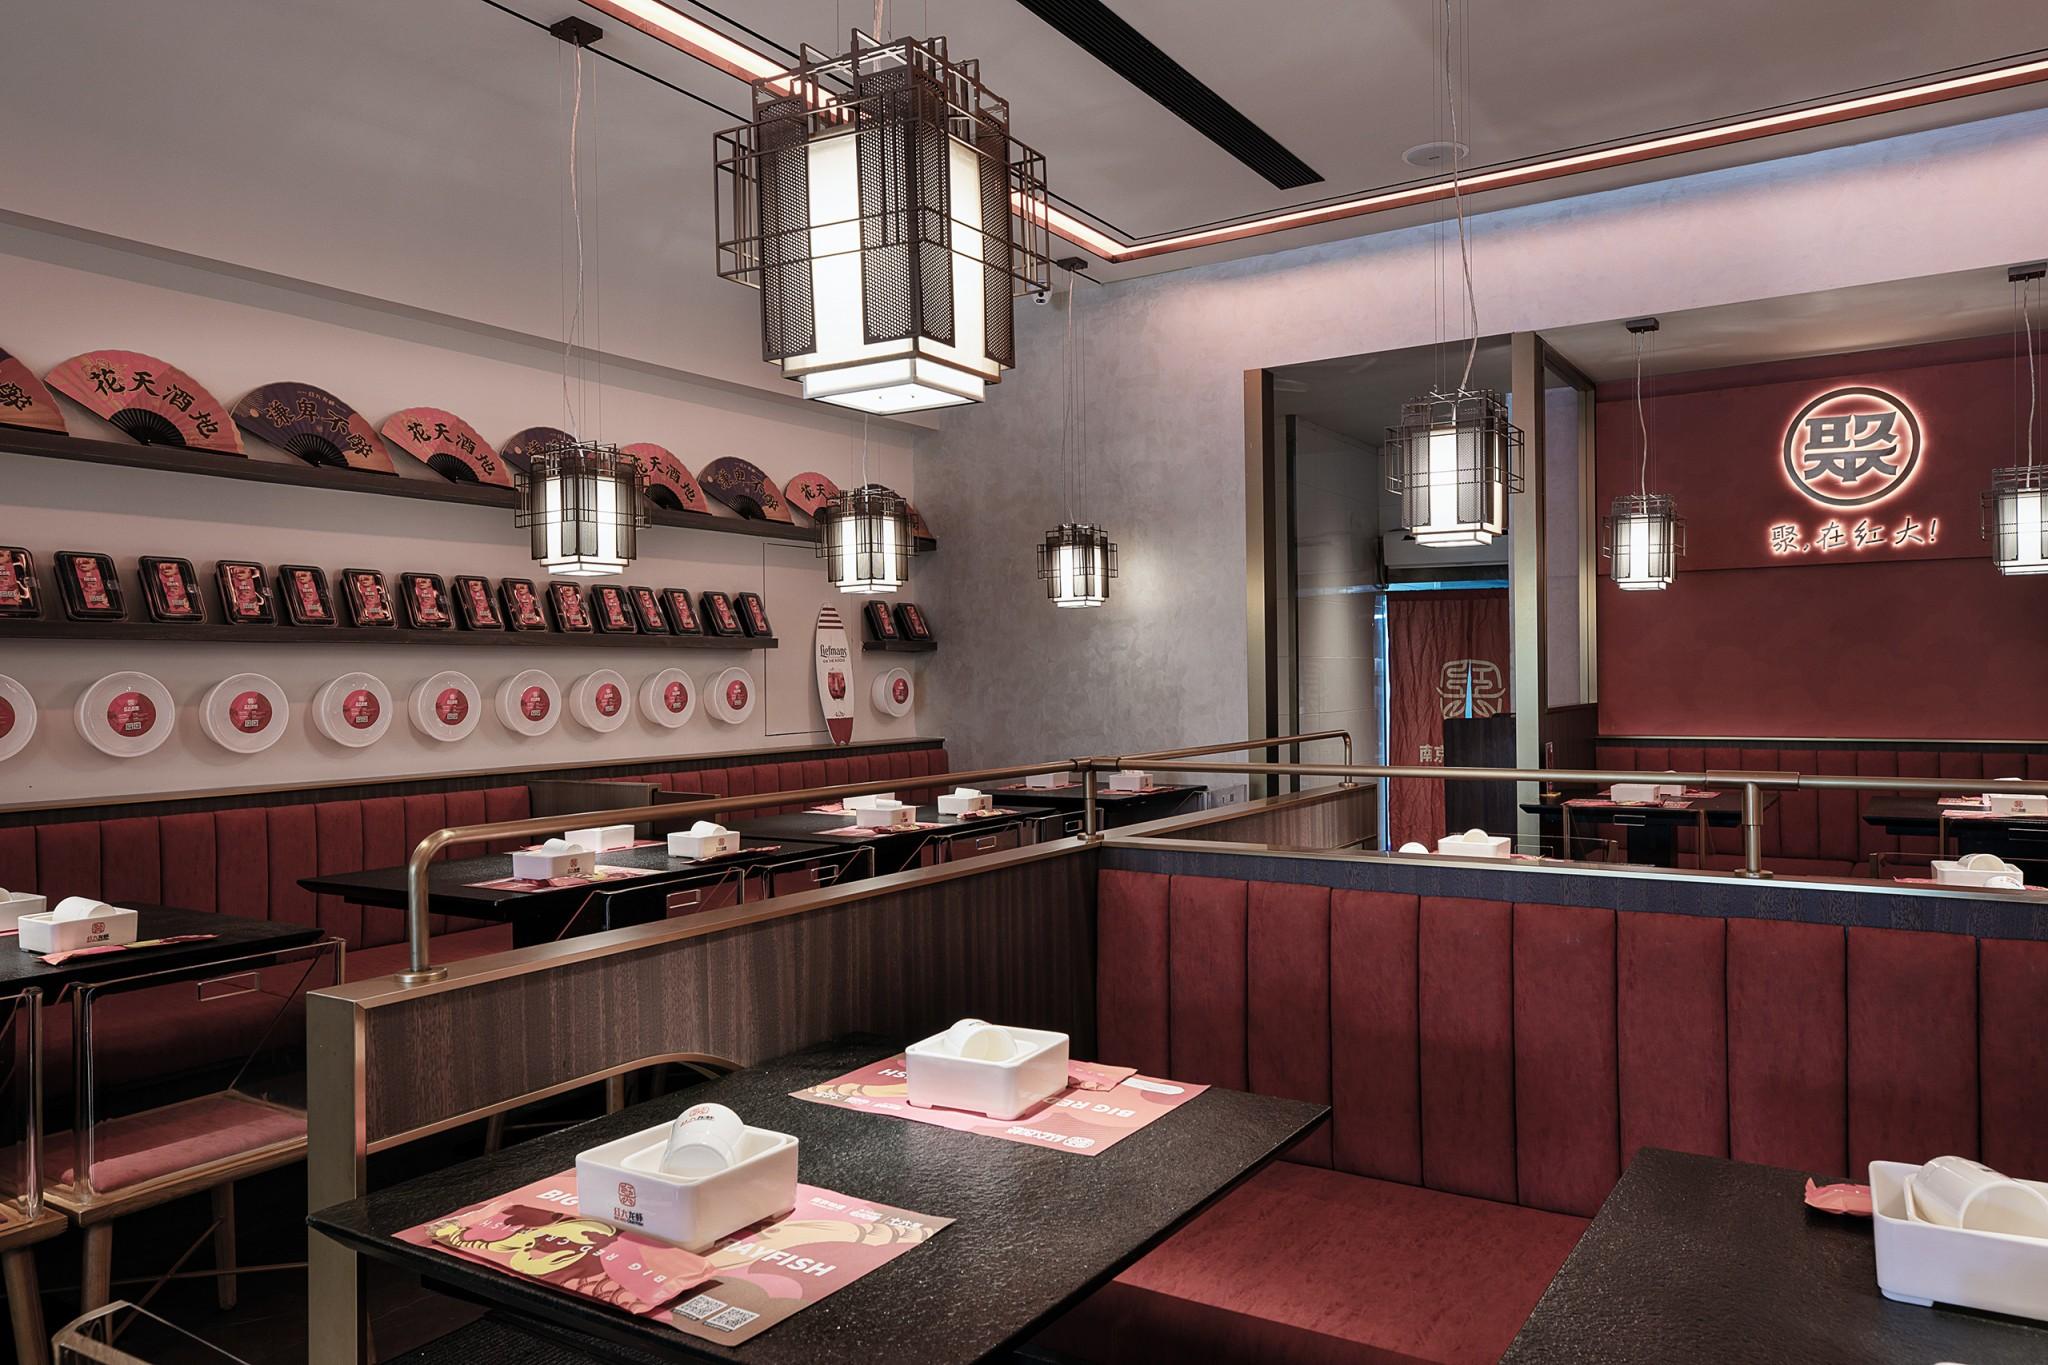 餐饮品牌商业空间设计-红大龙虾690433cc23f9dc1ebcff7cf784199a91